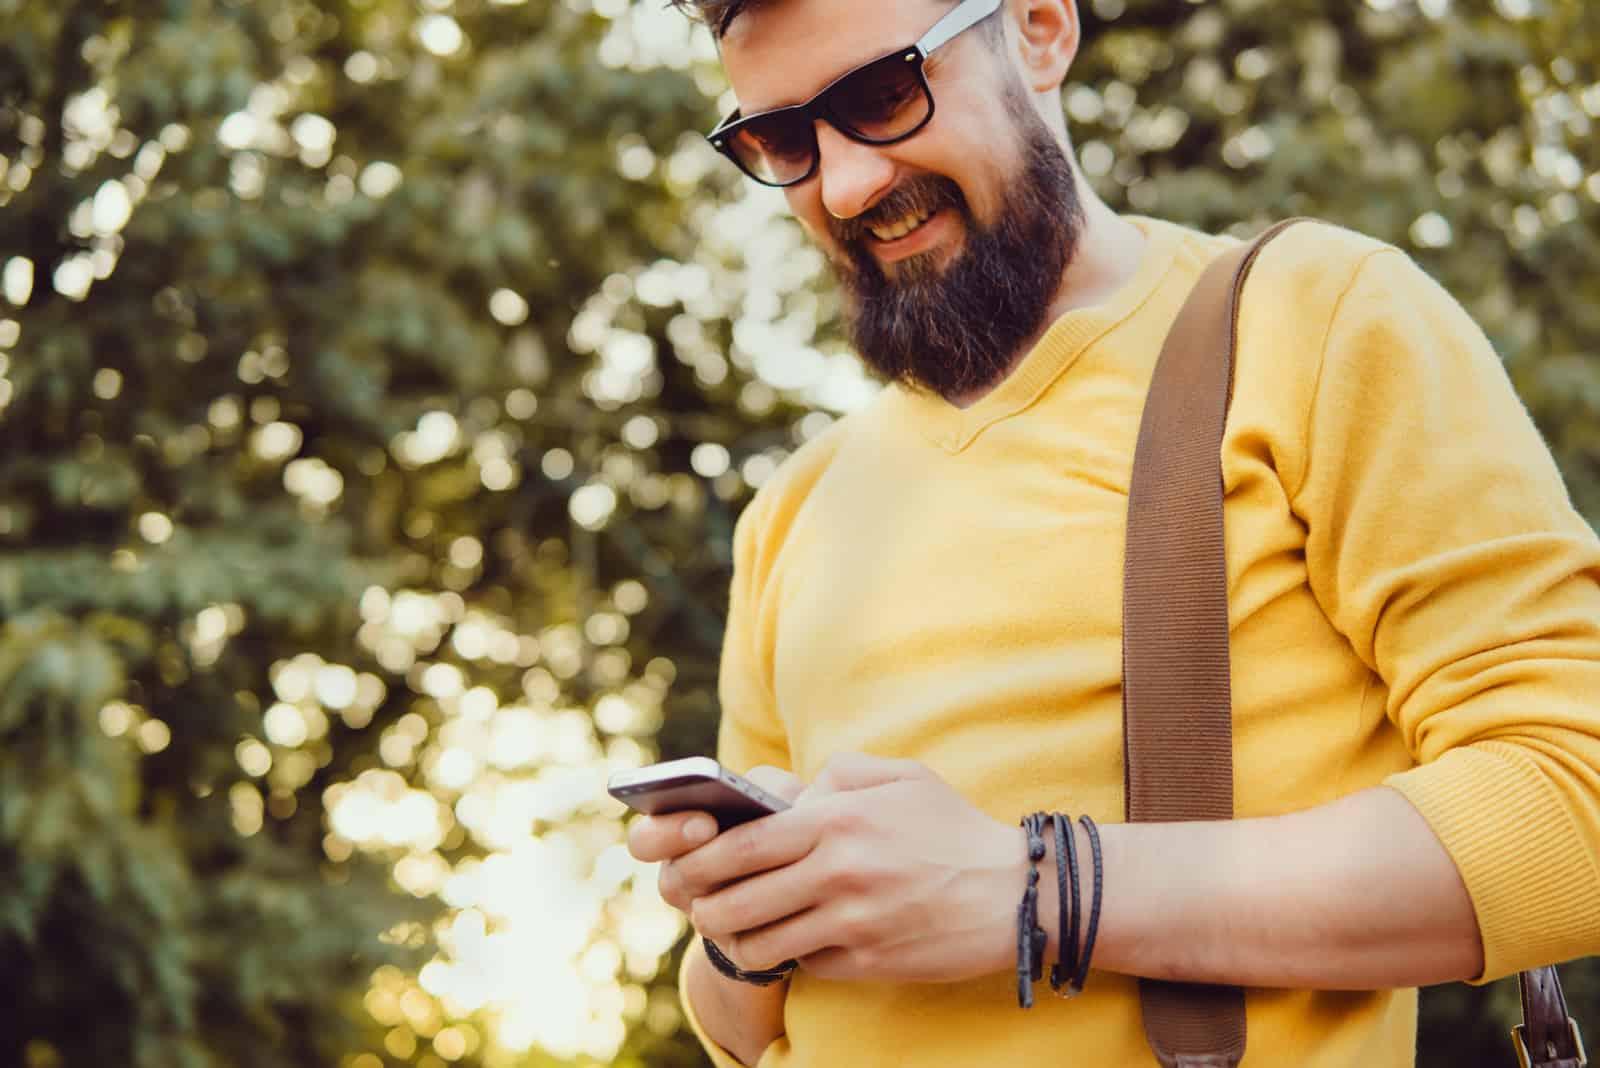 Schöner Mann Bart mit Smartphone in der Hand